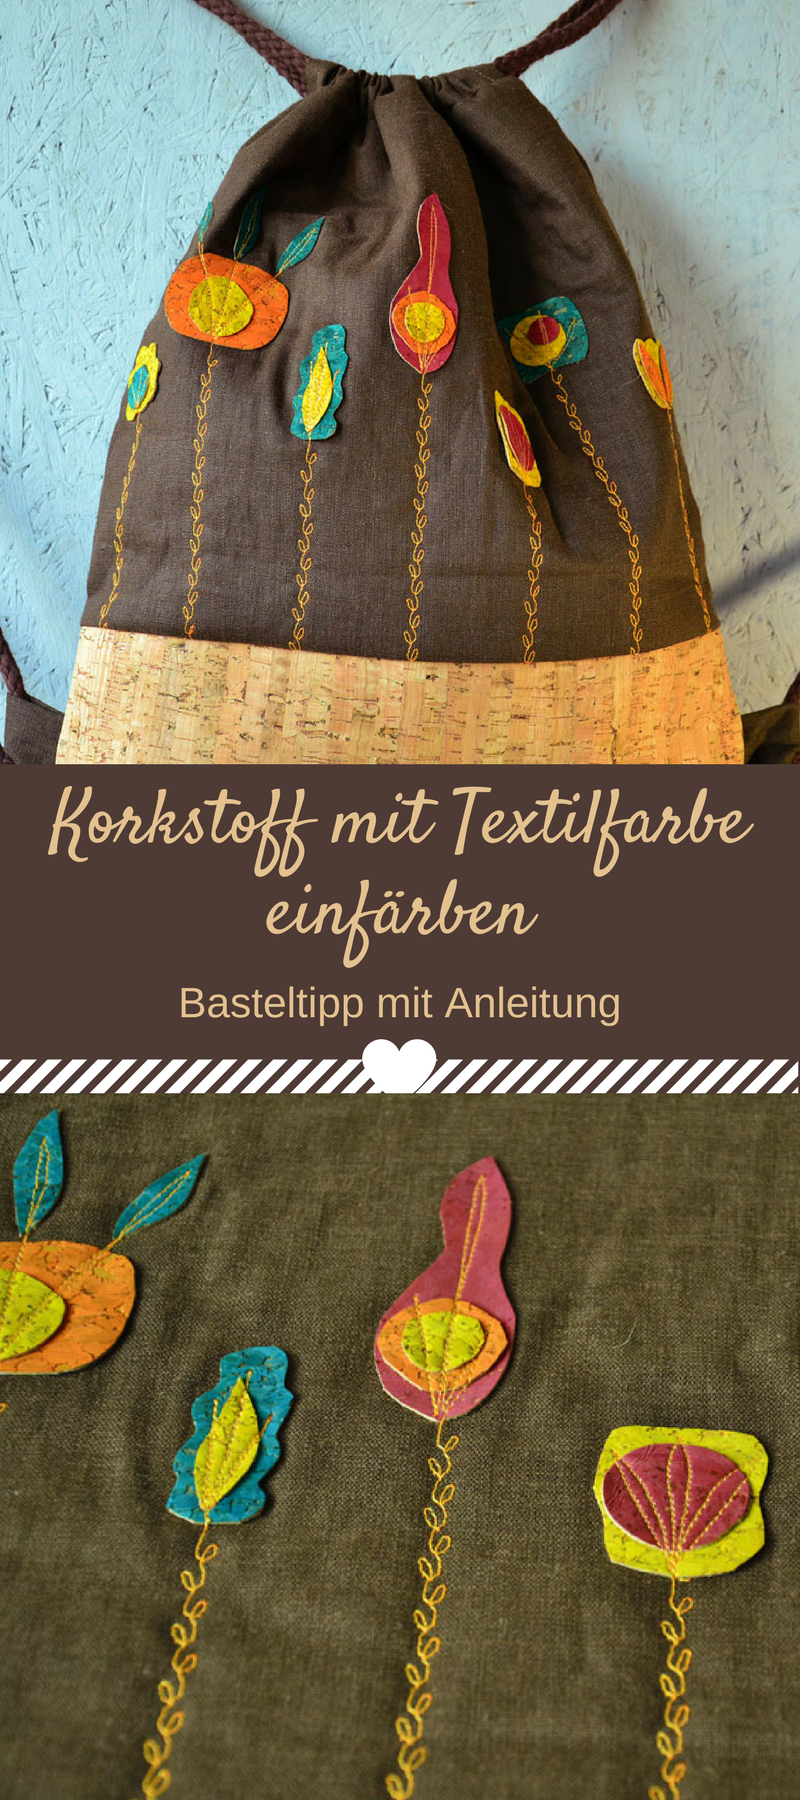 IZINK Textilfarbe: Korkstoff einfärben   Basteltipps, Textilfarbe ...